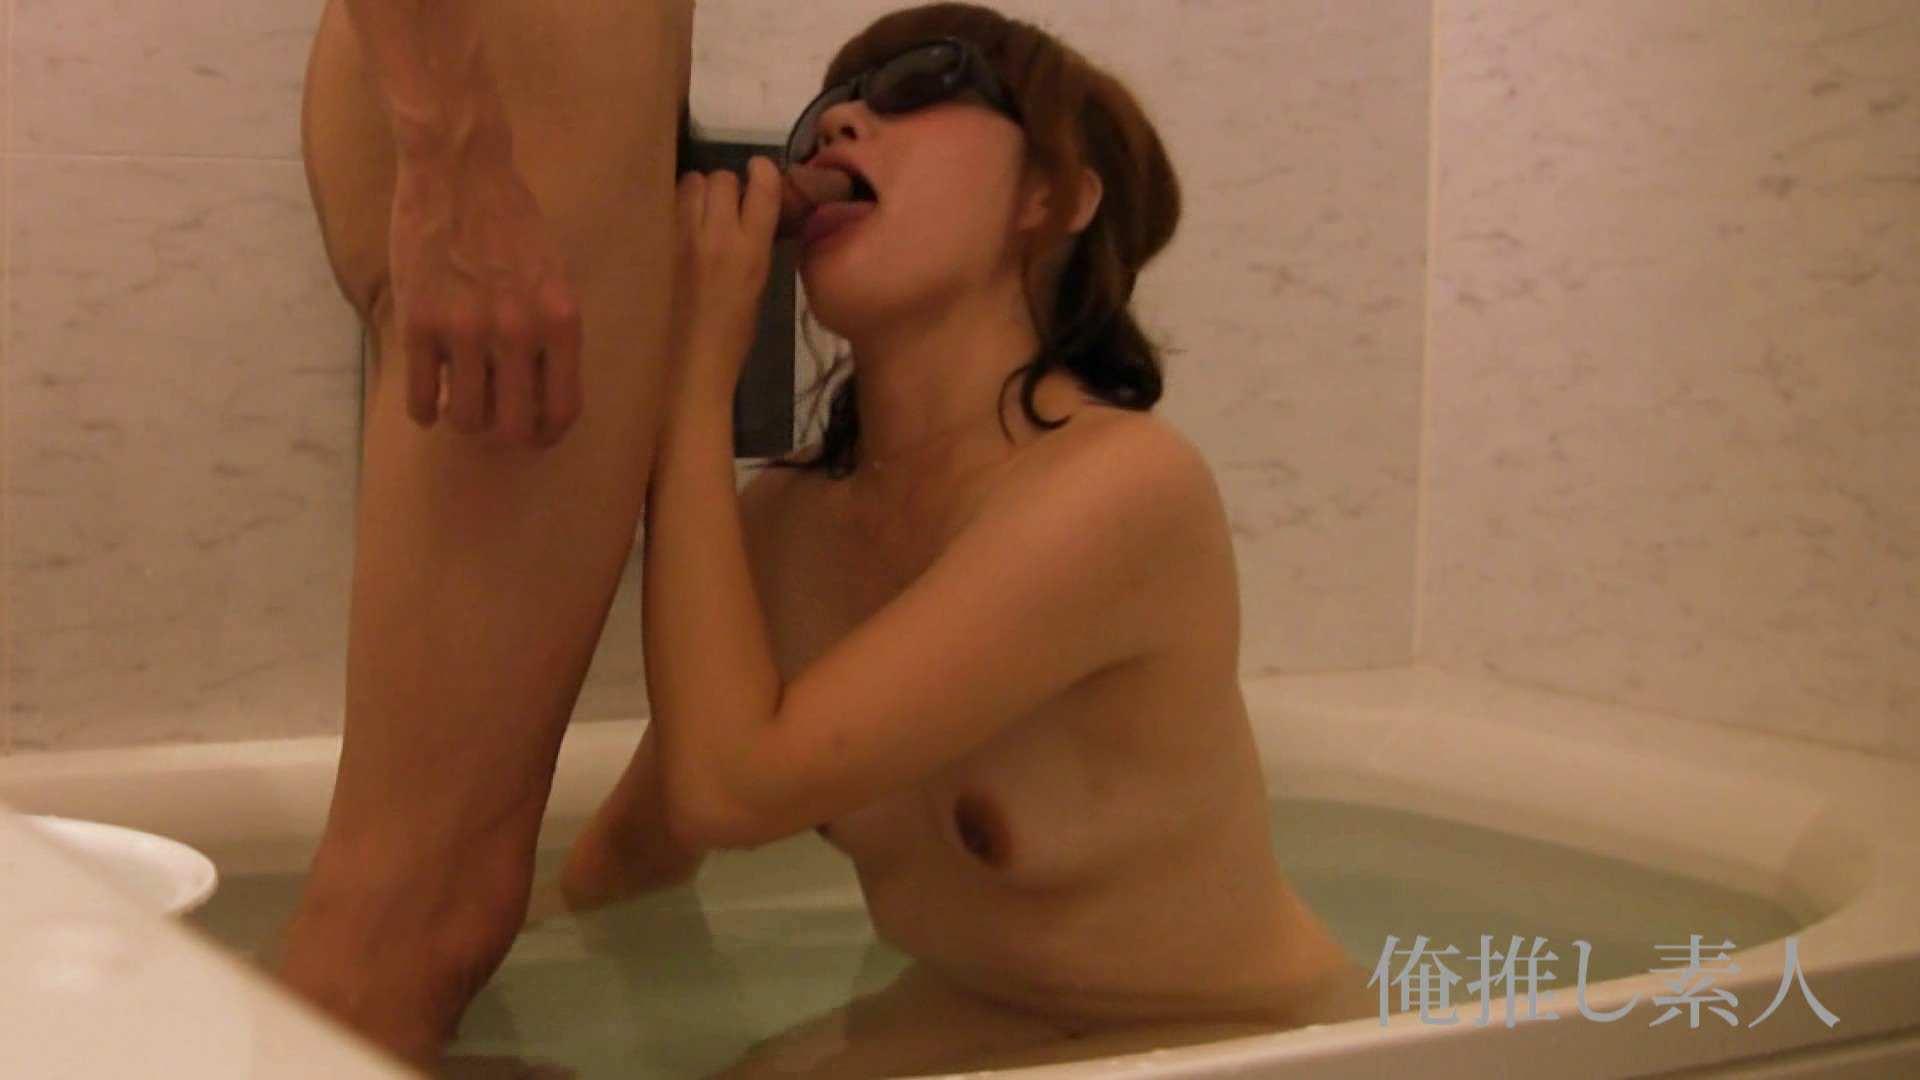 俺推し素人 キャバクラ嬢26歳久美vol4 OLヌード天国  67PIX 21